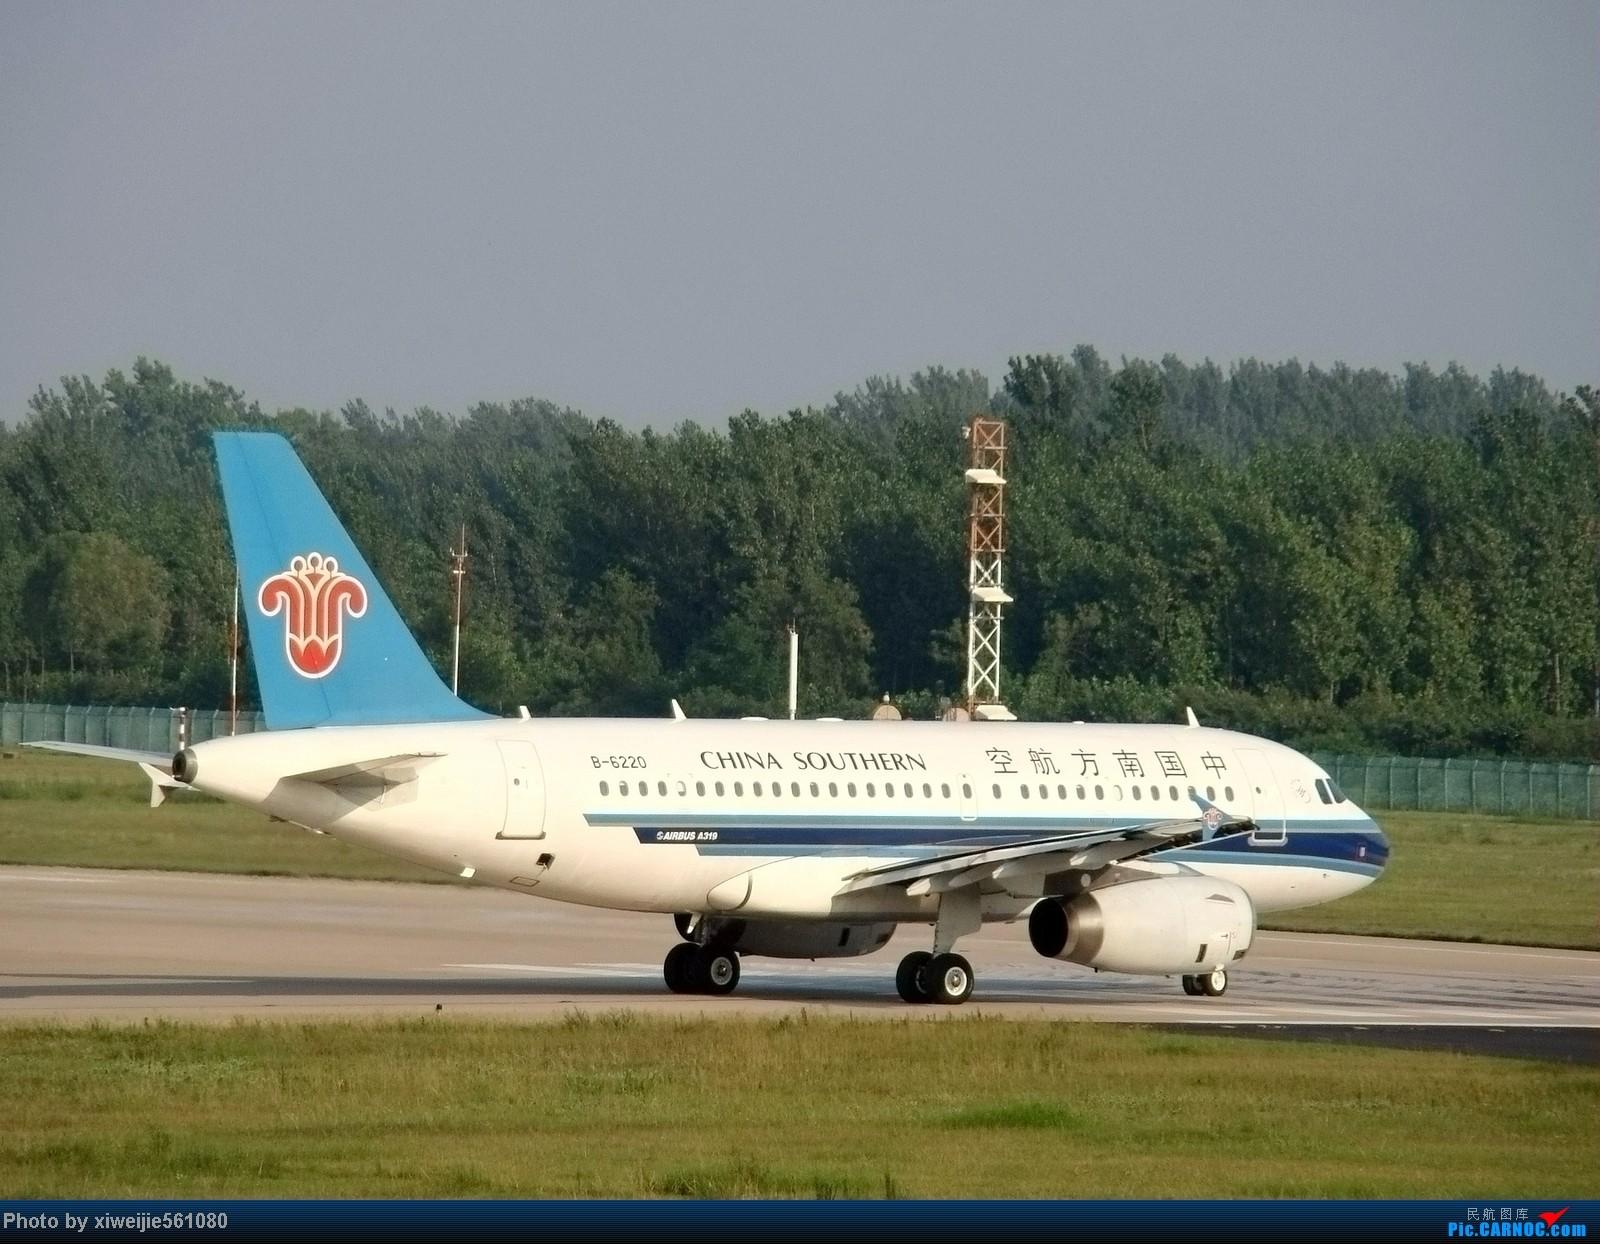 Re:新郑机场随拍,机子不行大家凑合着看吧!!! AIRBUS A319-100 B-6220 中国郑州新郑机场